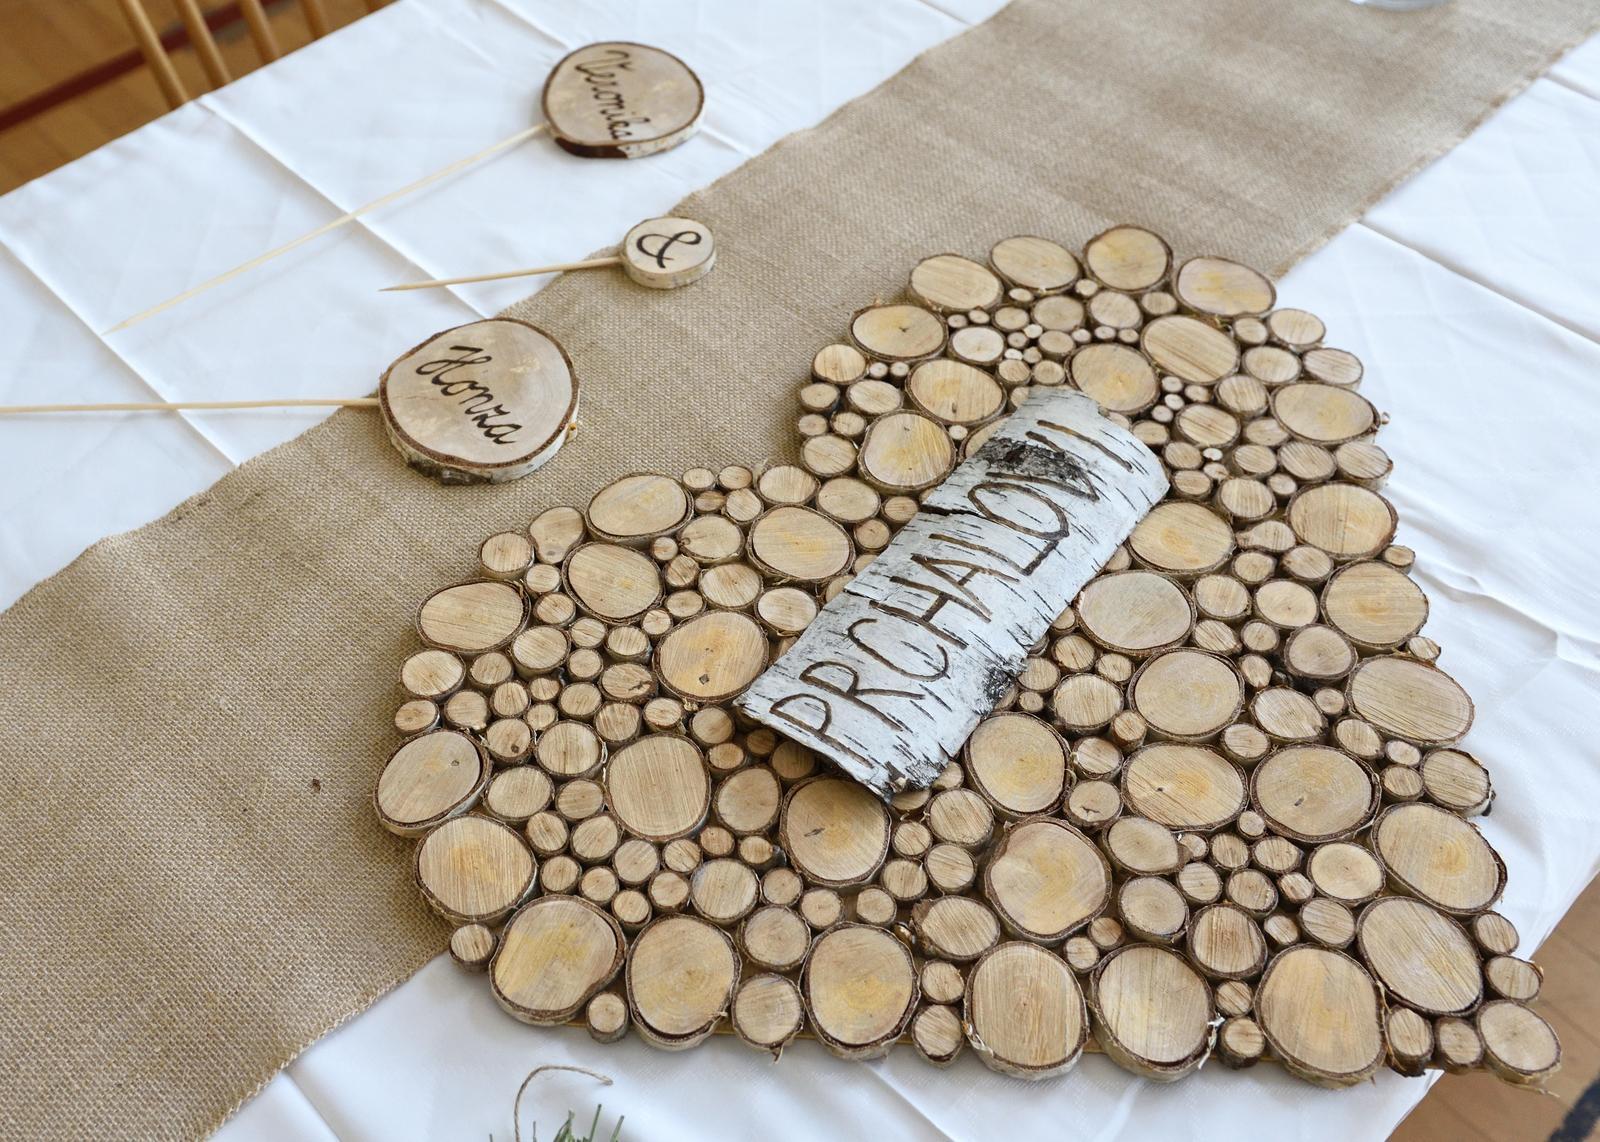 Ze svatby - Srdce z březových koleček - vlastní výroba (možnost výroby po předchozí domluvě)